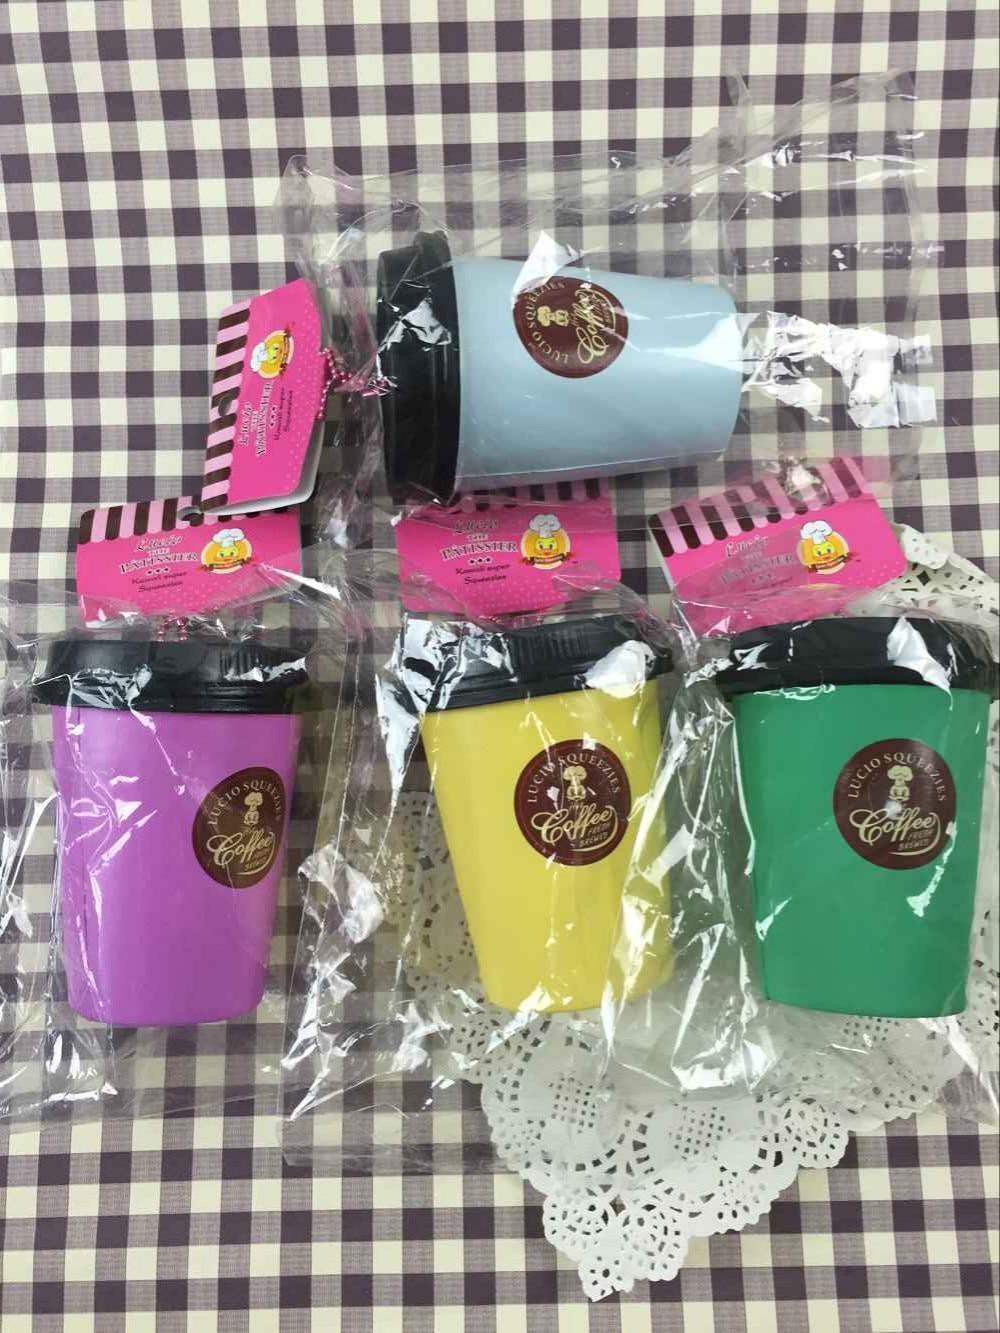 Lucio kavna skodelica Squishy igrače 1pcs / lot originalni paket redkih veleprodaja srčkan Jumbo Squishy mobitel pašček Charm Kawaii Toy 310